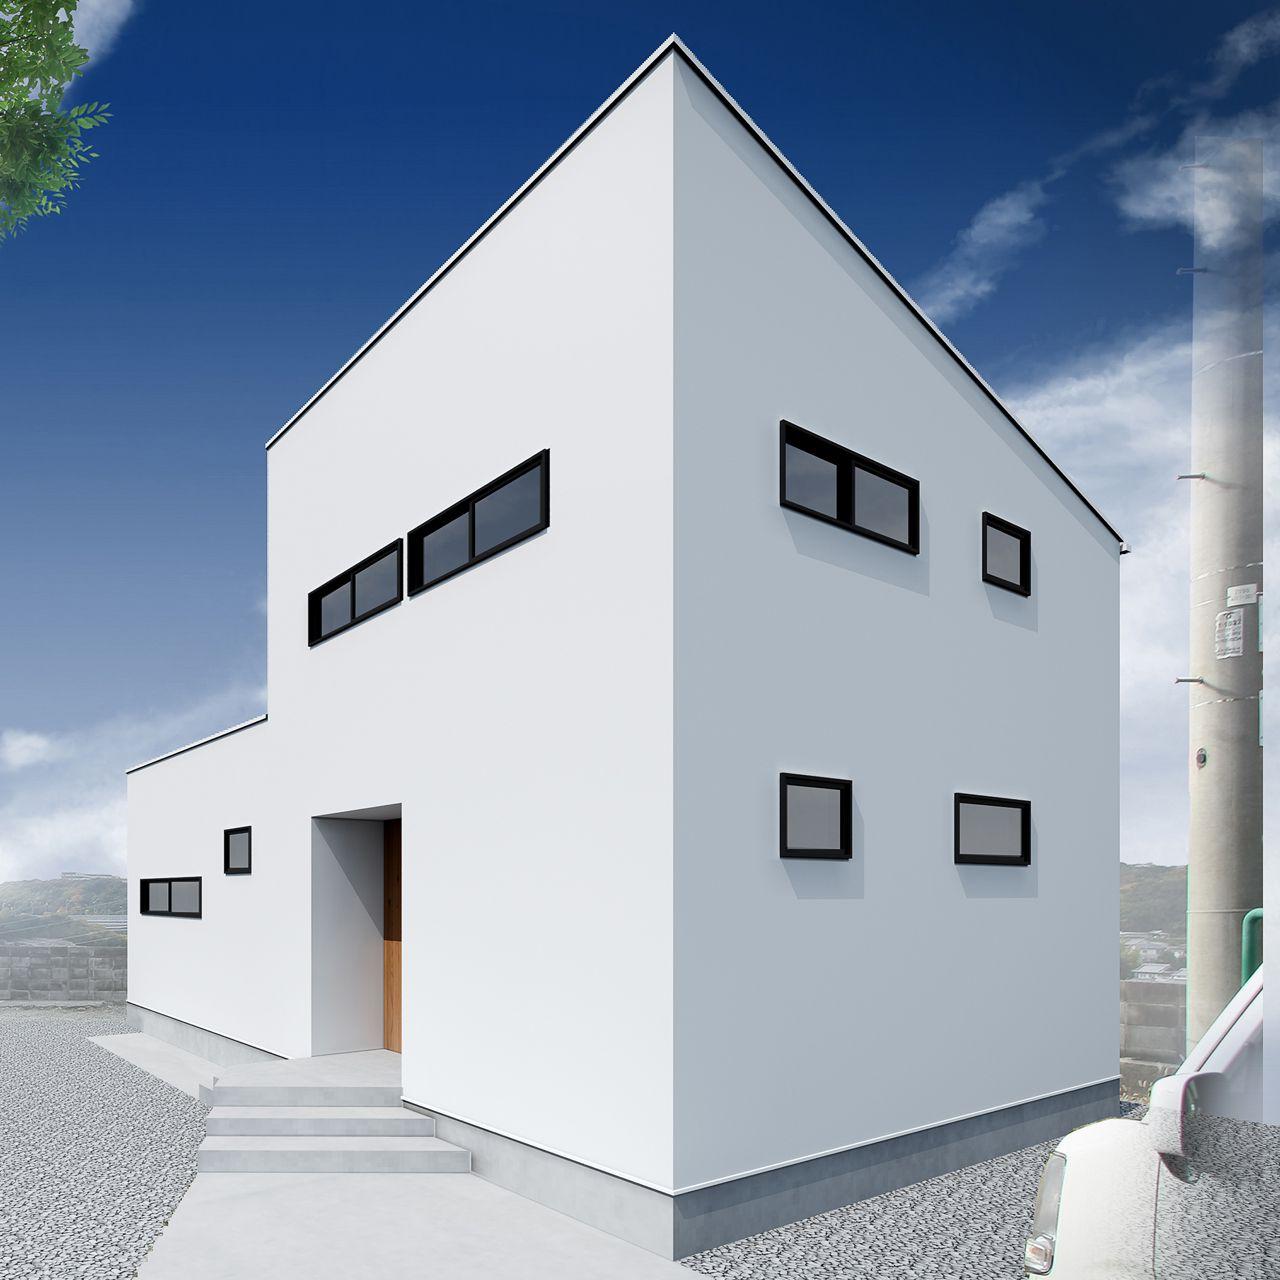 ルンバブルハウス